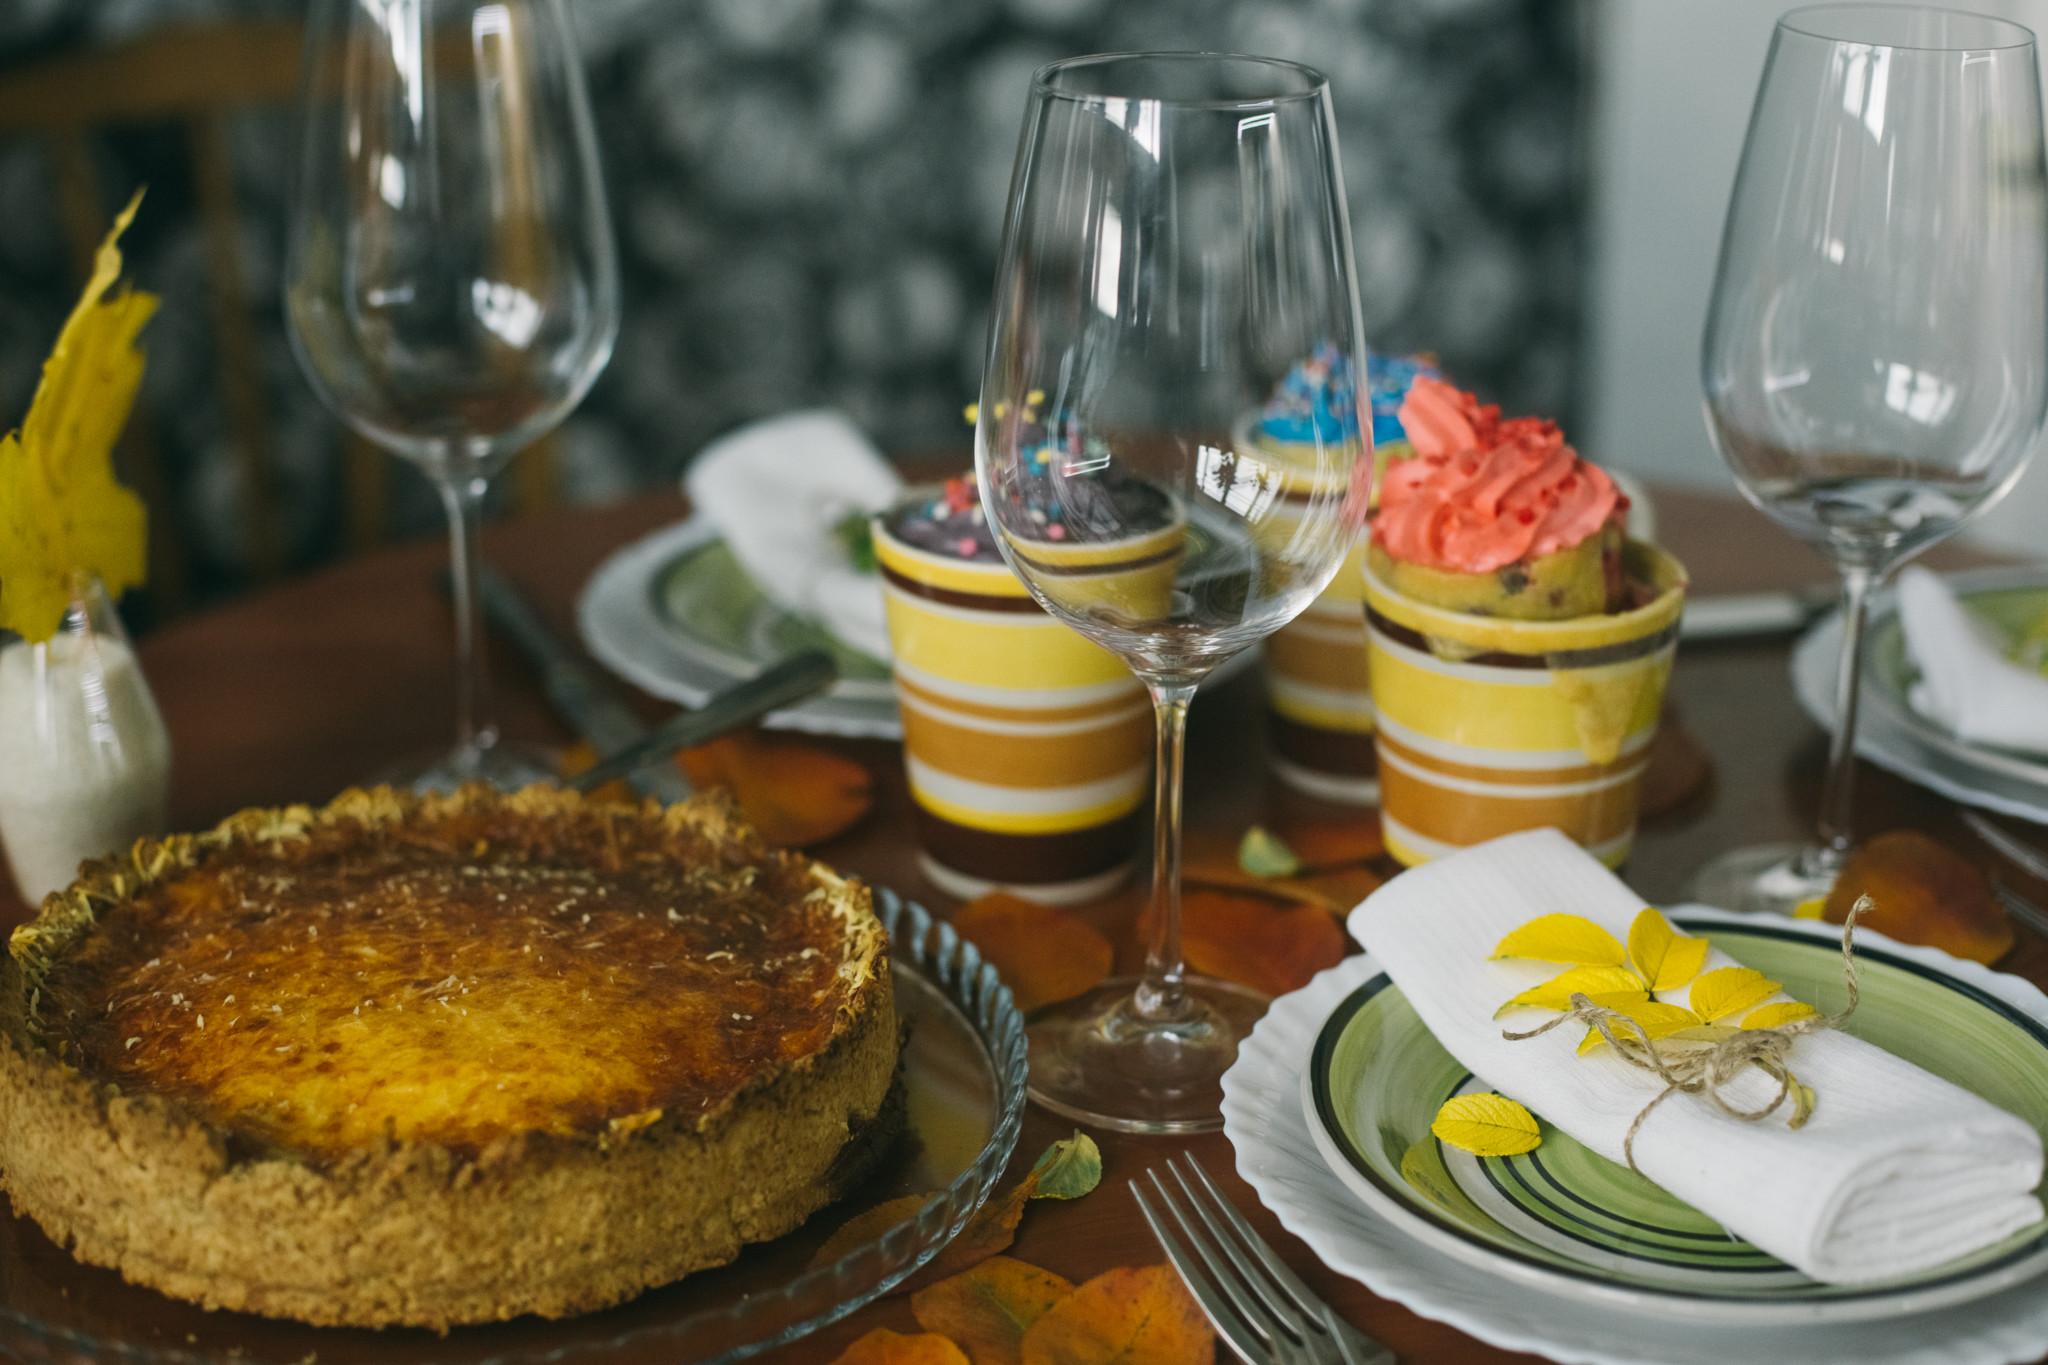 Сервировка осеннего стола к домашнему ужину | Блог Варвары Лялягиной «Дом, в который хочется приходить»